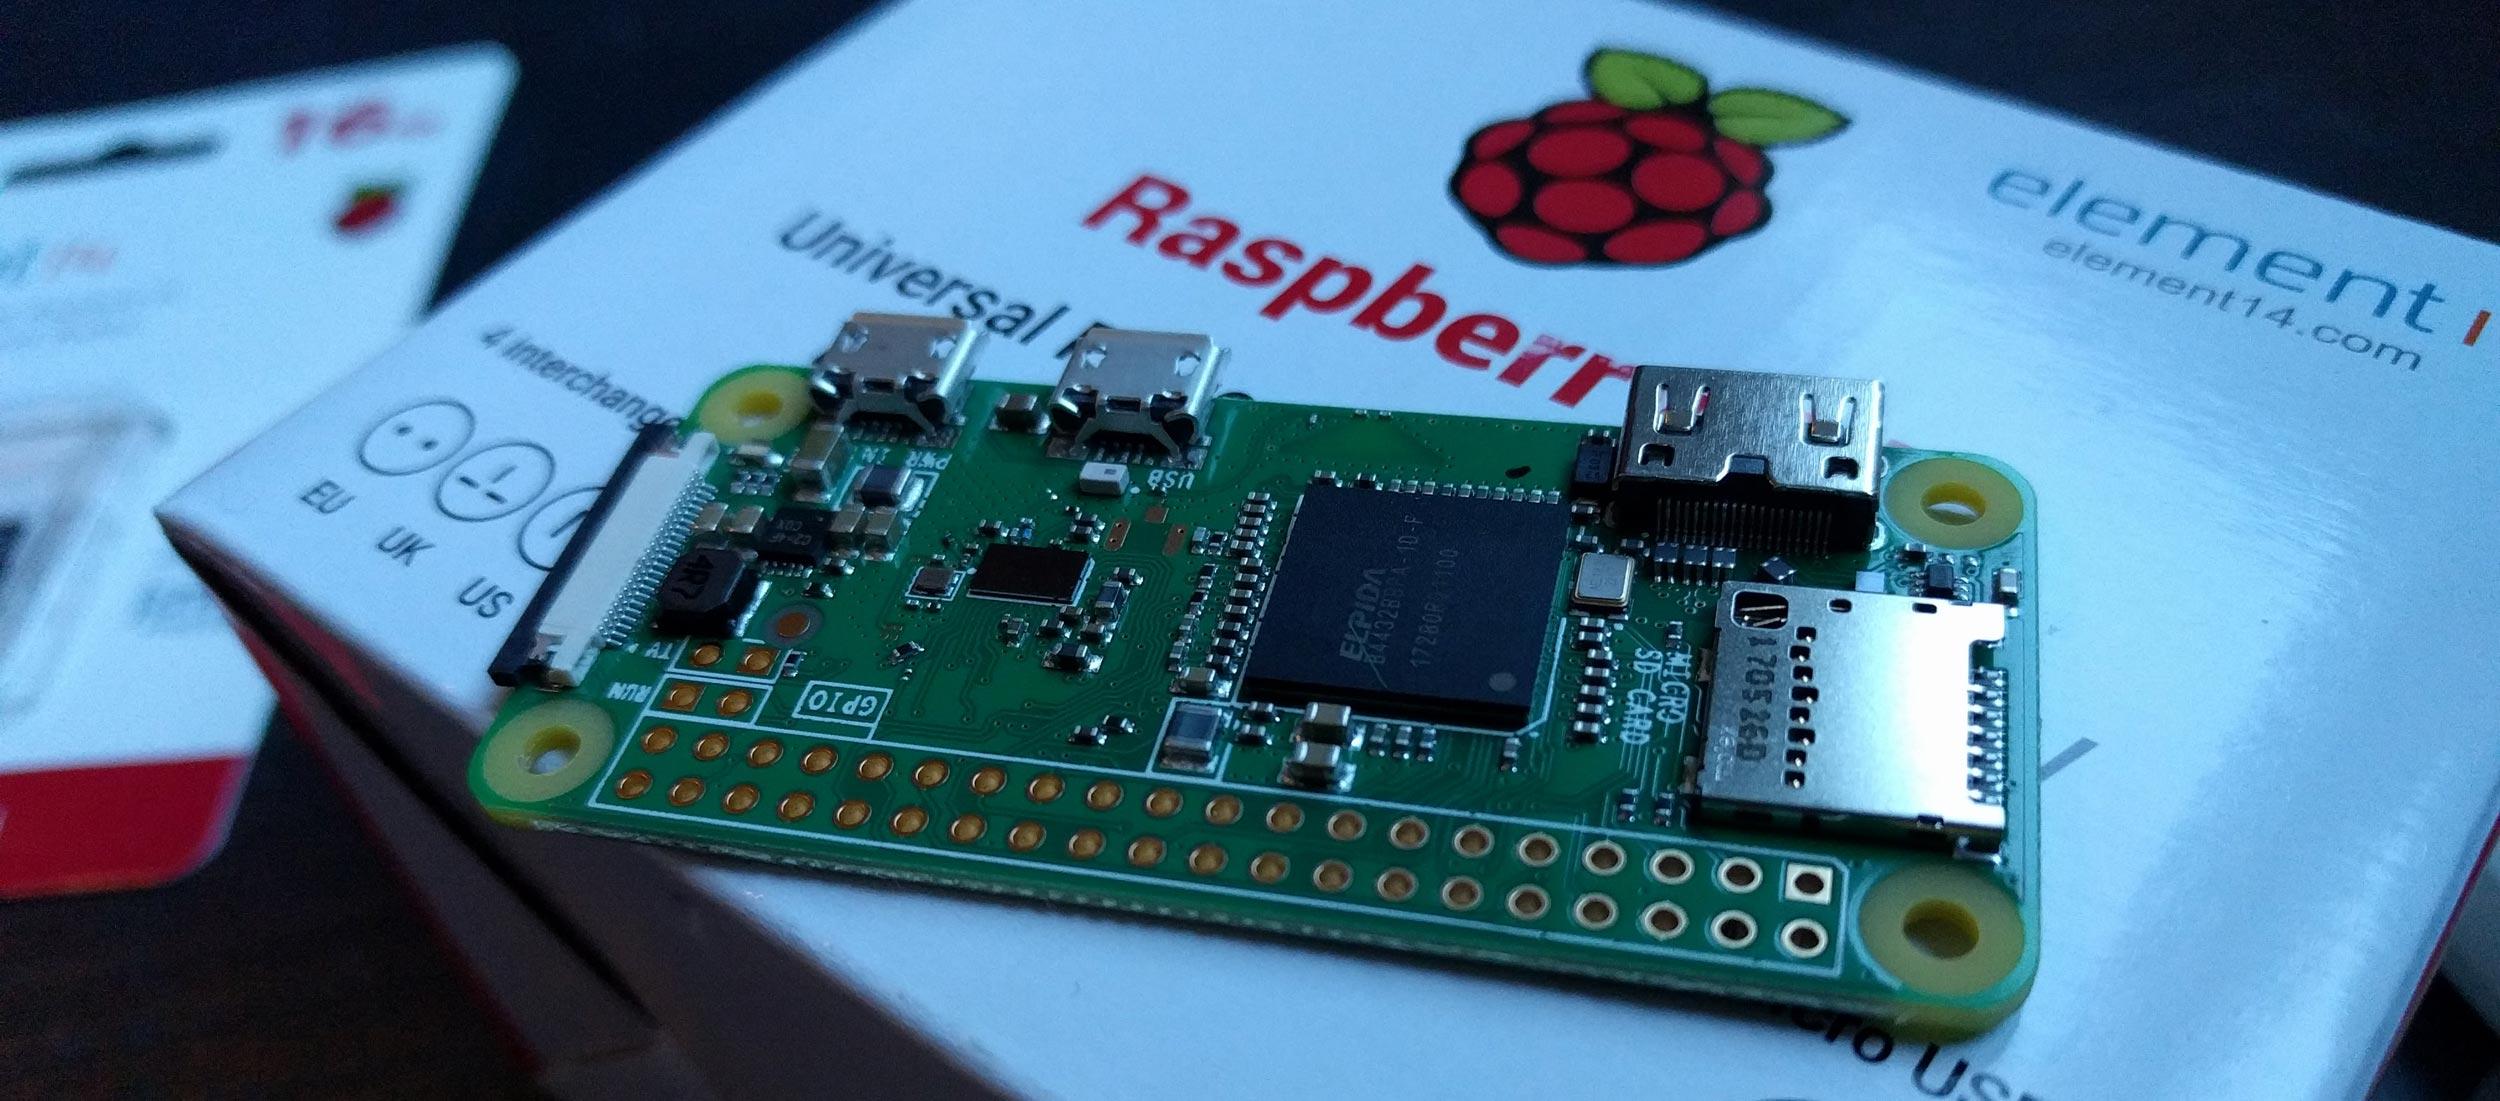 Установка Kali Linux на новую Raspberry Pi Zero W